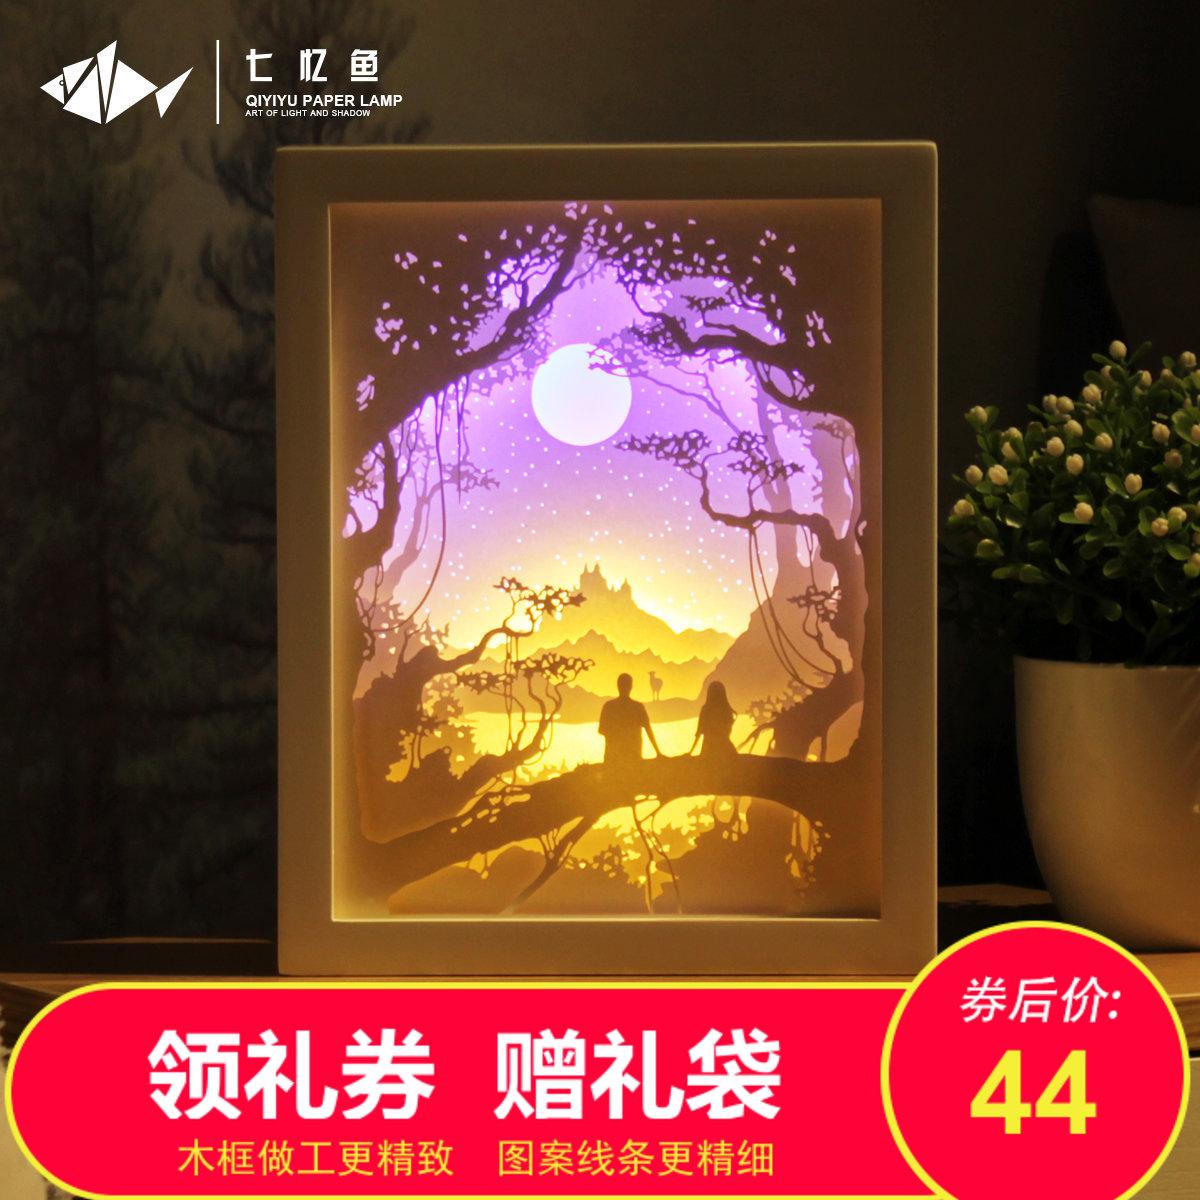 七忆鱼光影纸雕灯diy材料包手工刻制作成品礼物3D立体台灯叠影灯券后49.00元